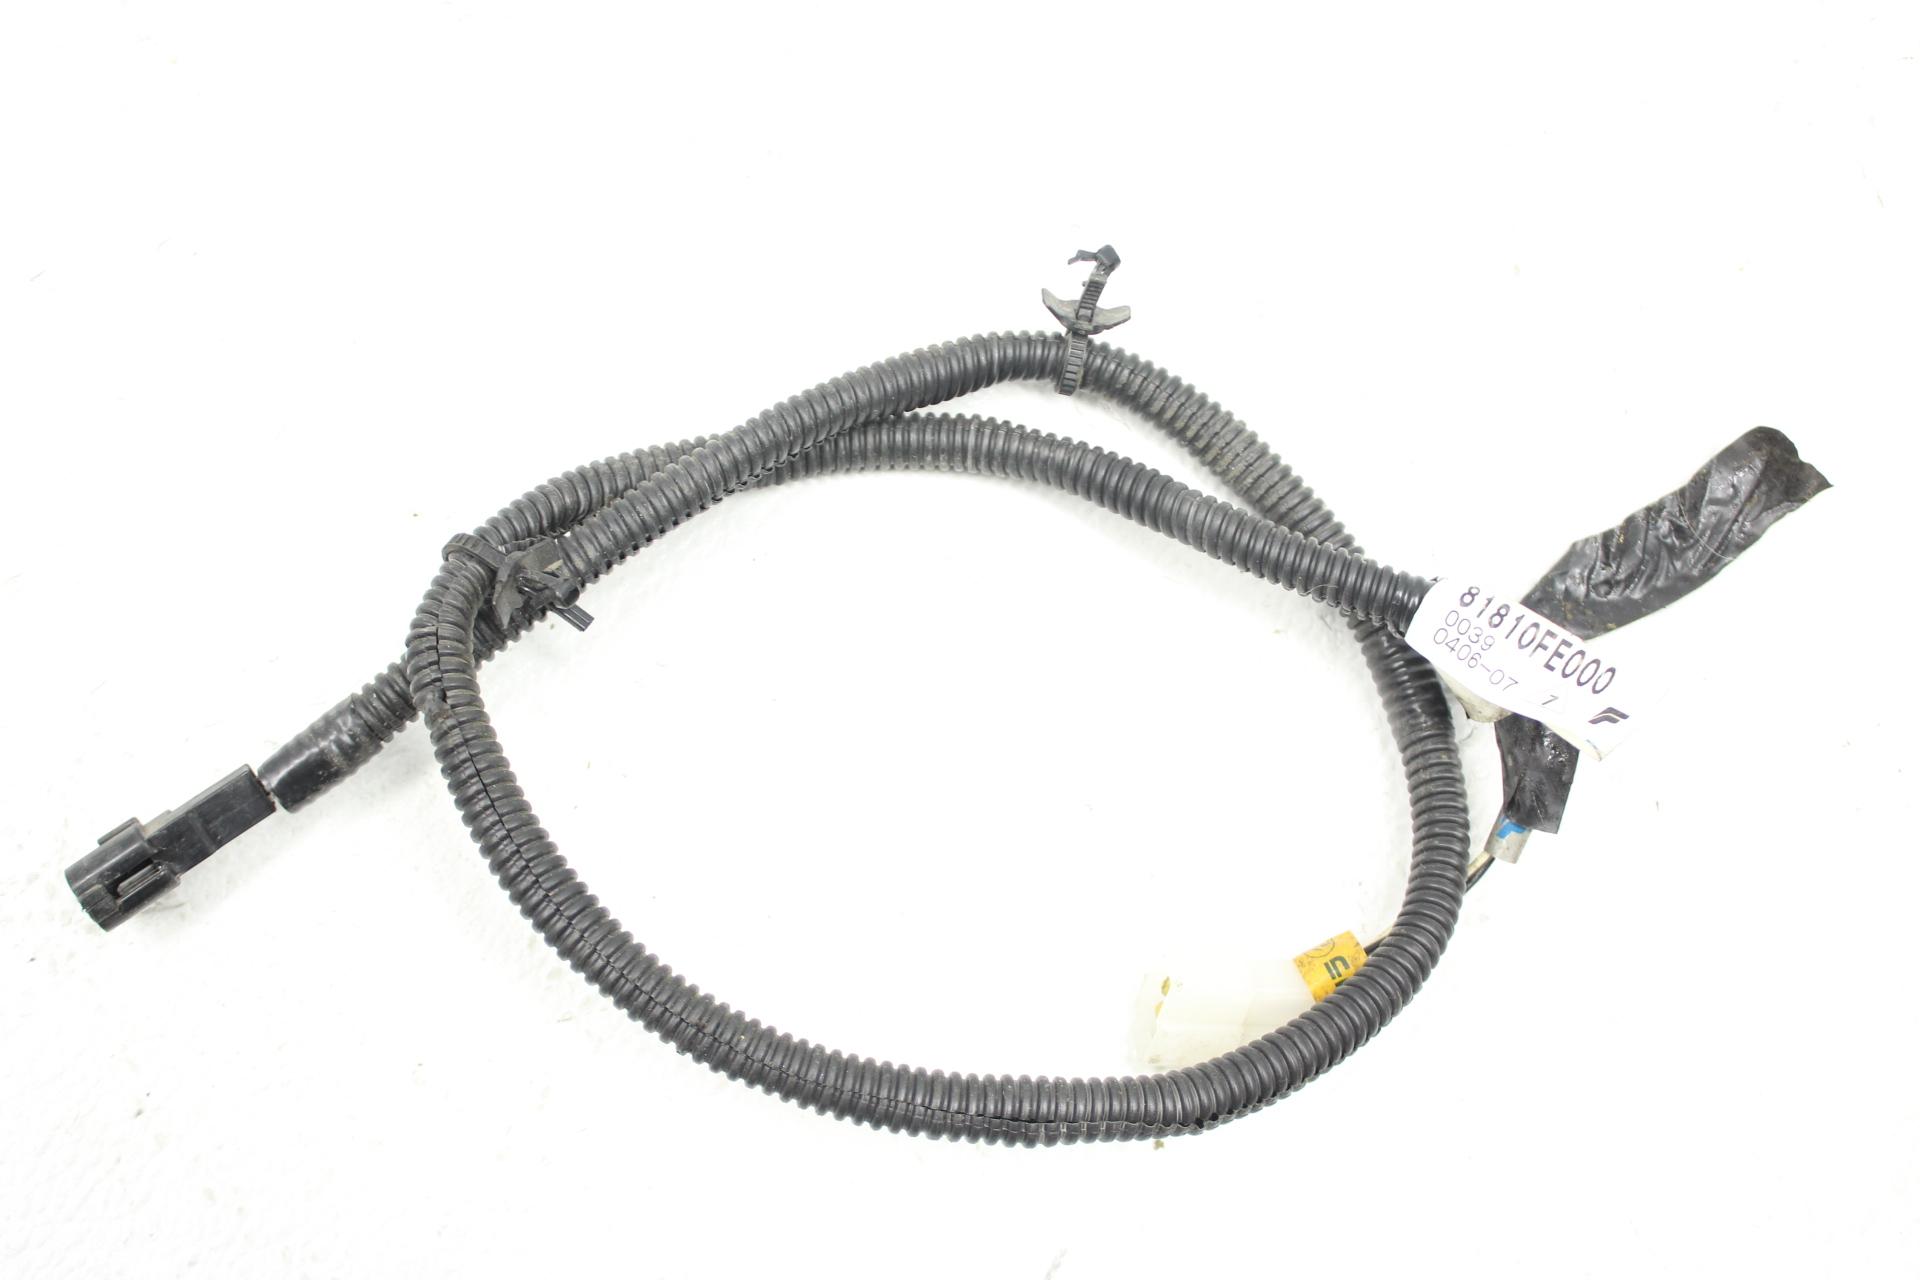 Subaru Wrx Amp Sti Trunk Cord Rear Floor Wiring